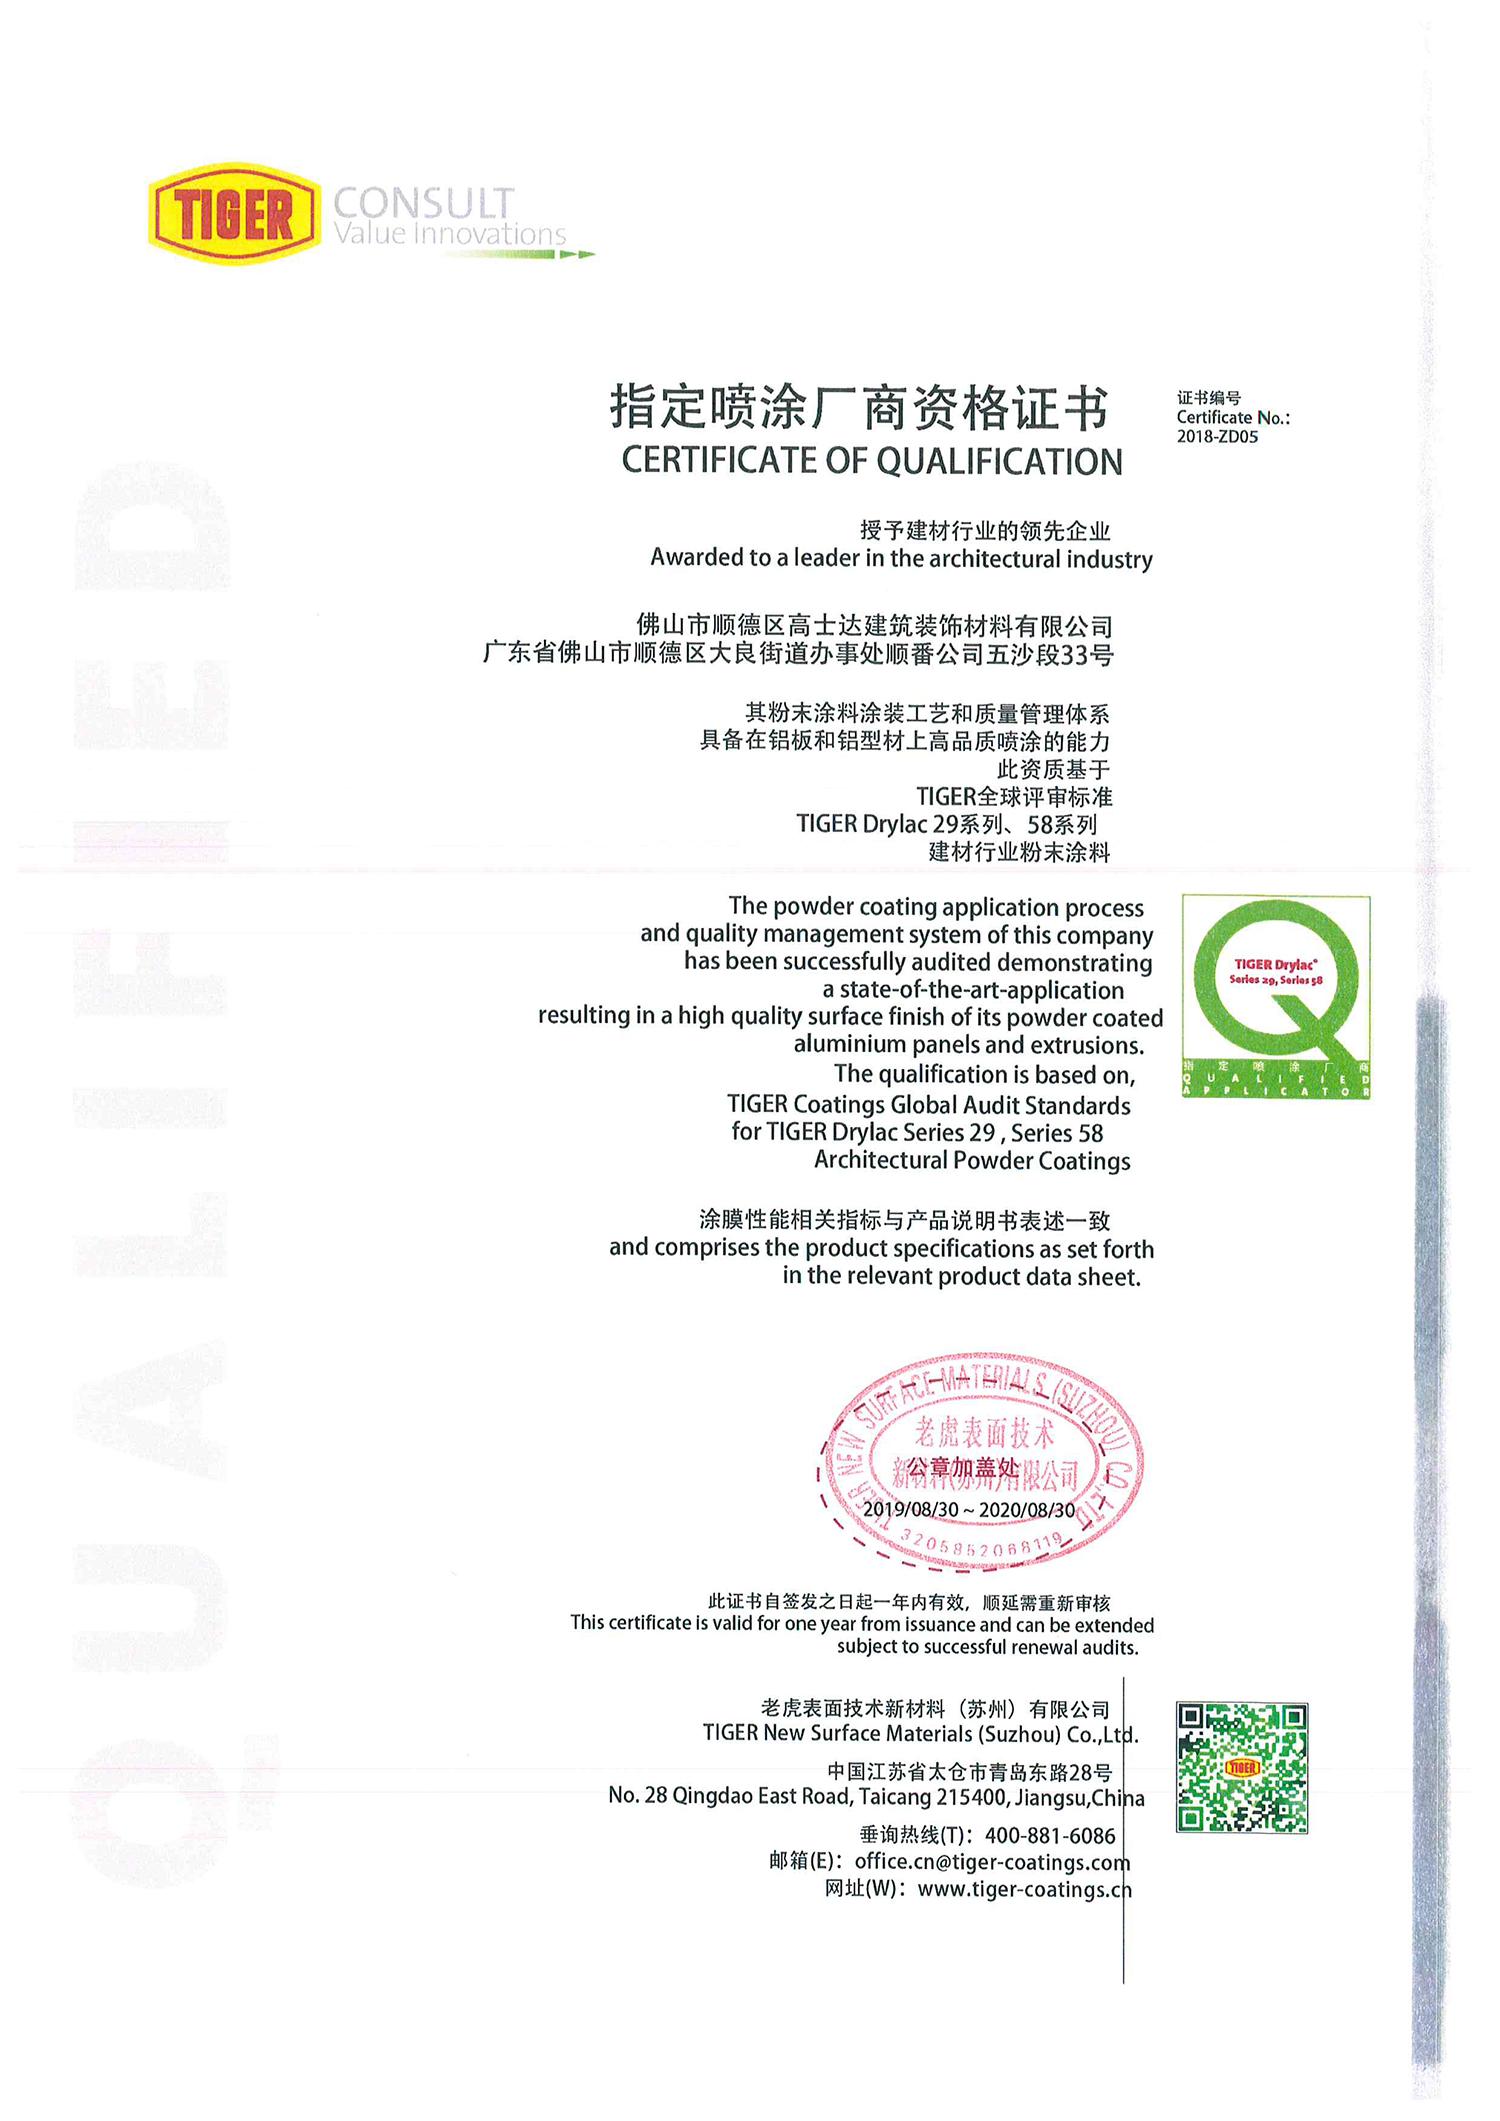 高士达指定喷涂厂商资格证书